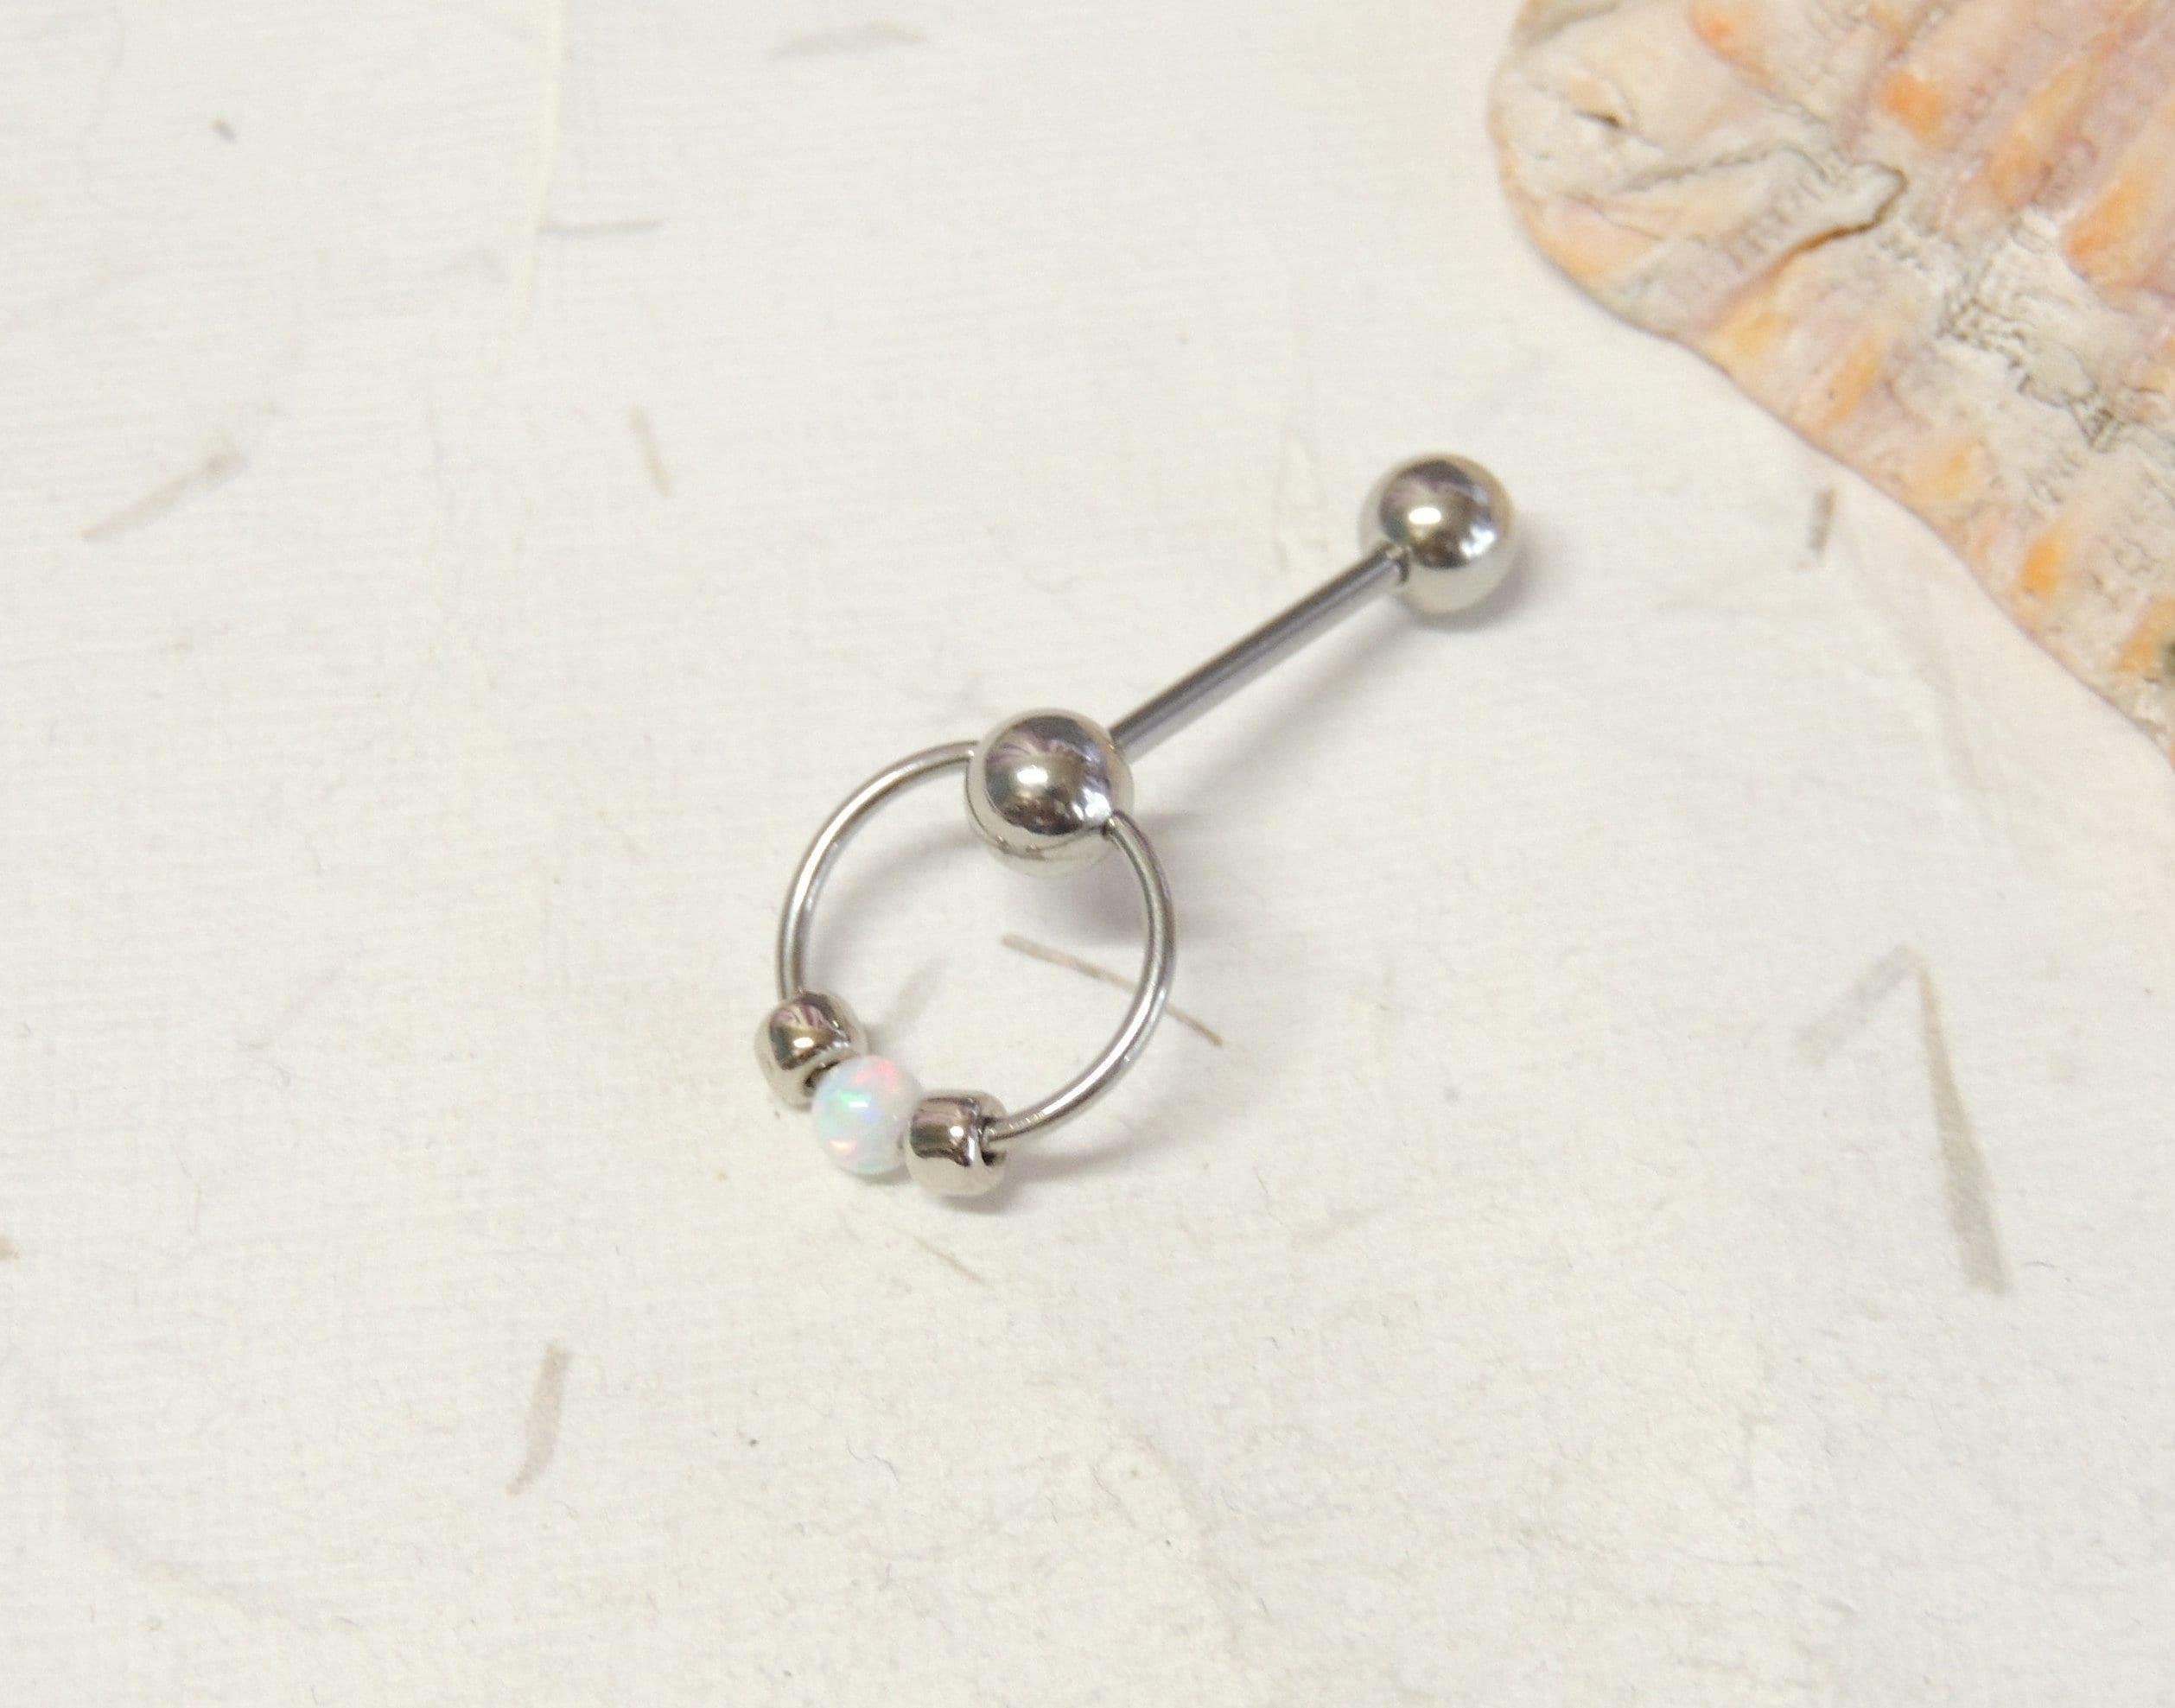 Piercing vertikal klitorisvorhaur ᐅᐅ piercing